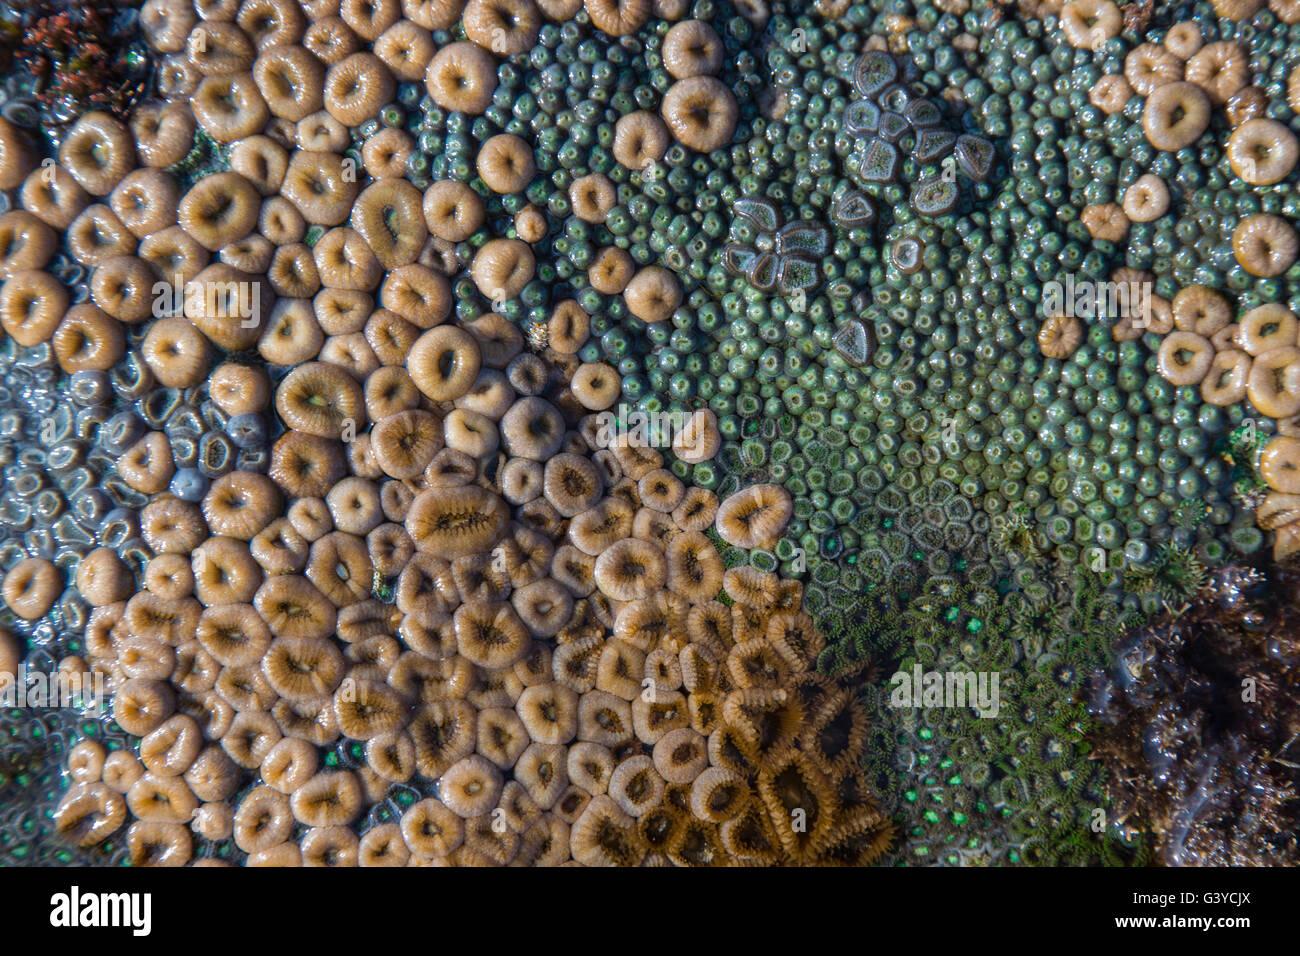 Diversos Zoanthids o coral blando en las rocas en las zonas intermareales en Mozambique Imagen De Stock